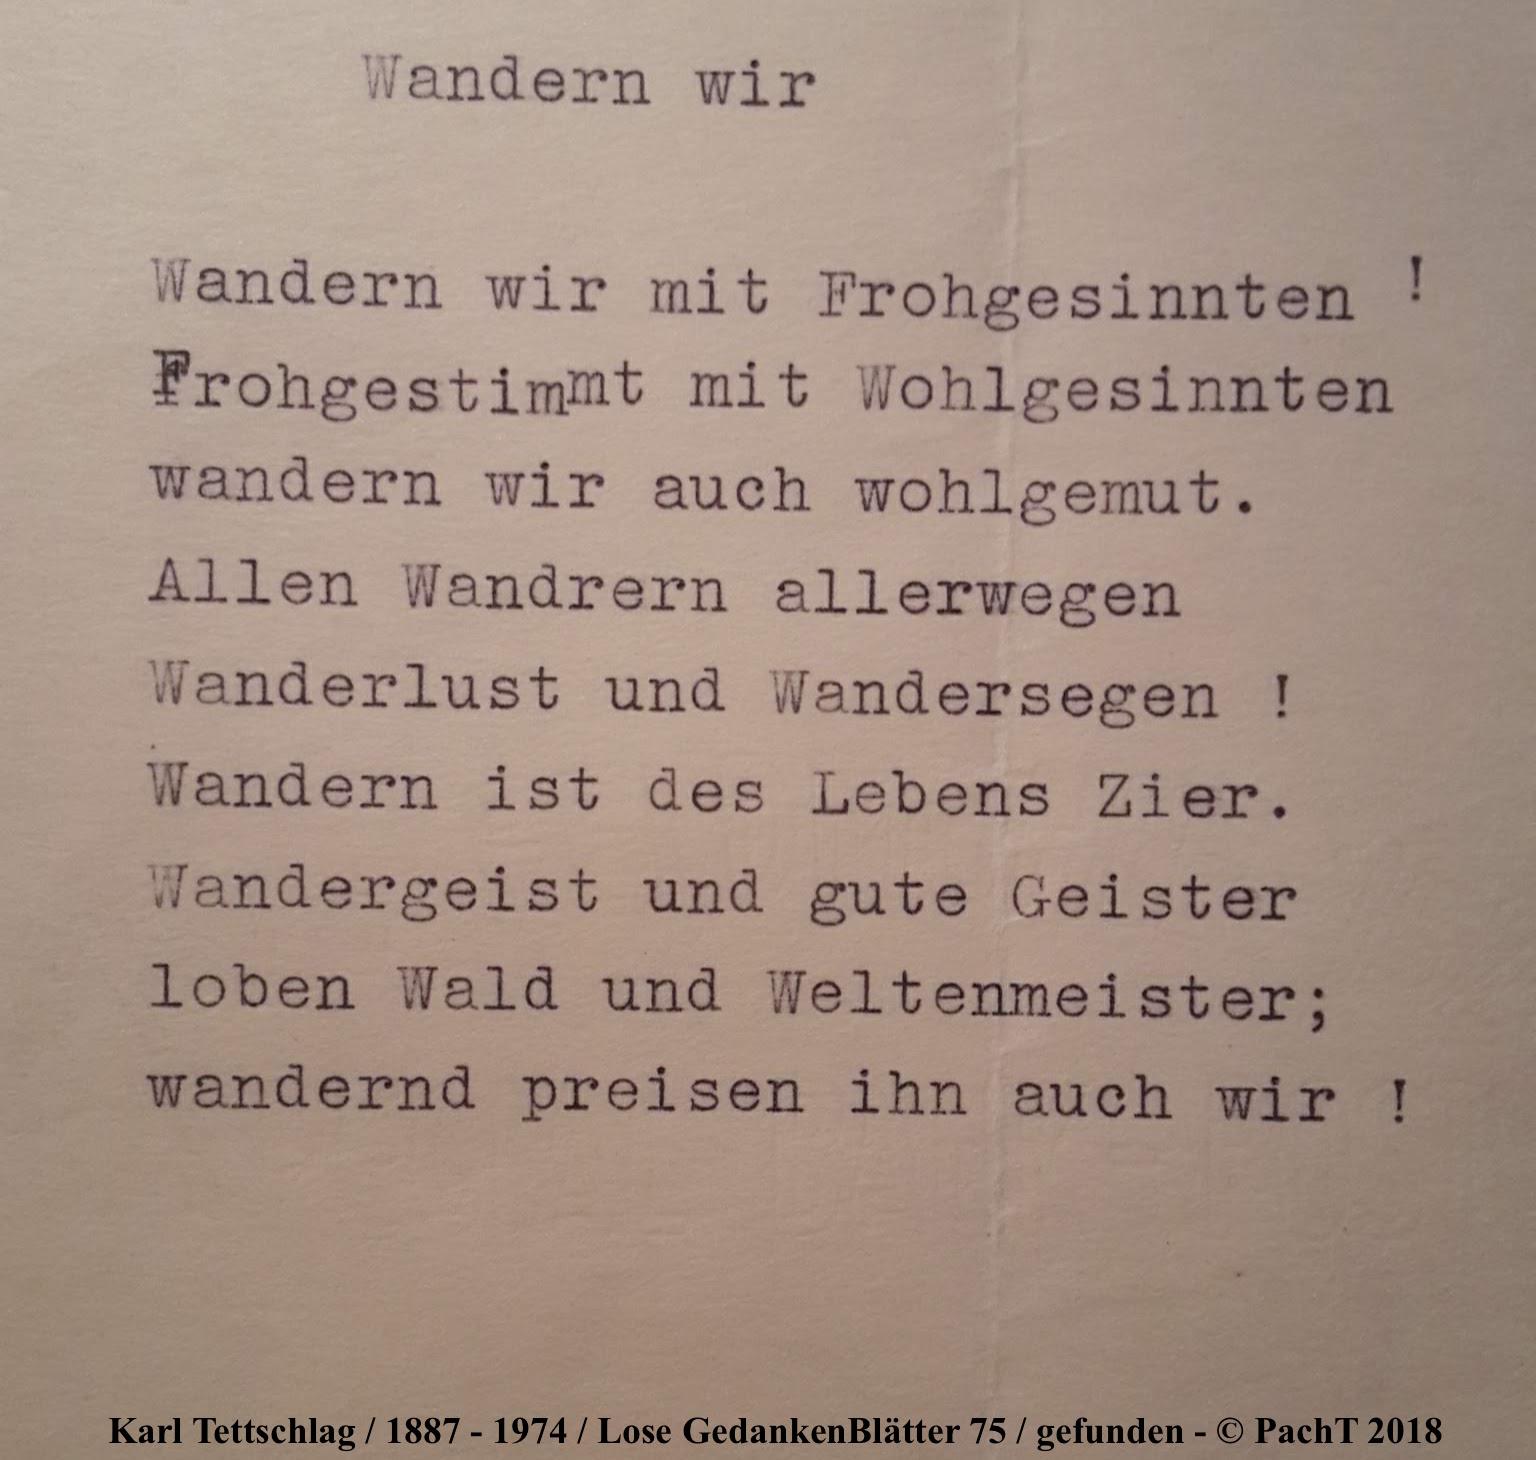 1887 - 1974 Erinnerungen an meinen Opa _ Lose GedankenBlätter 75